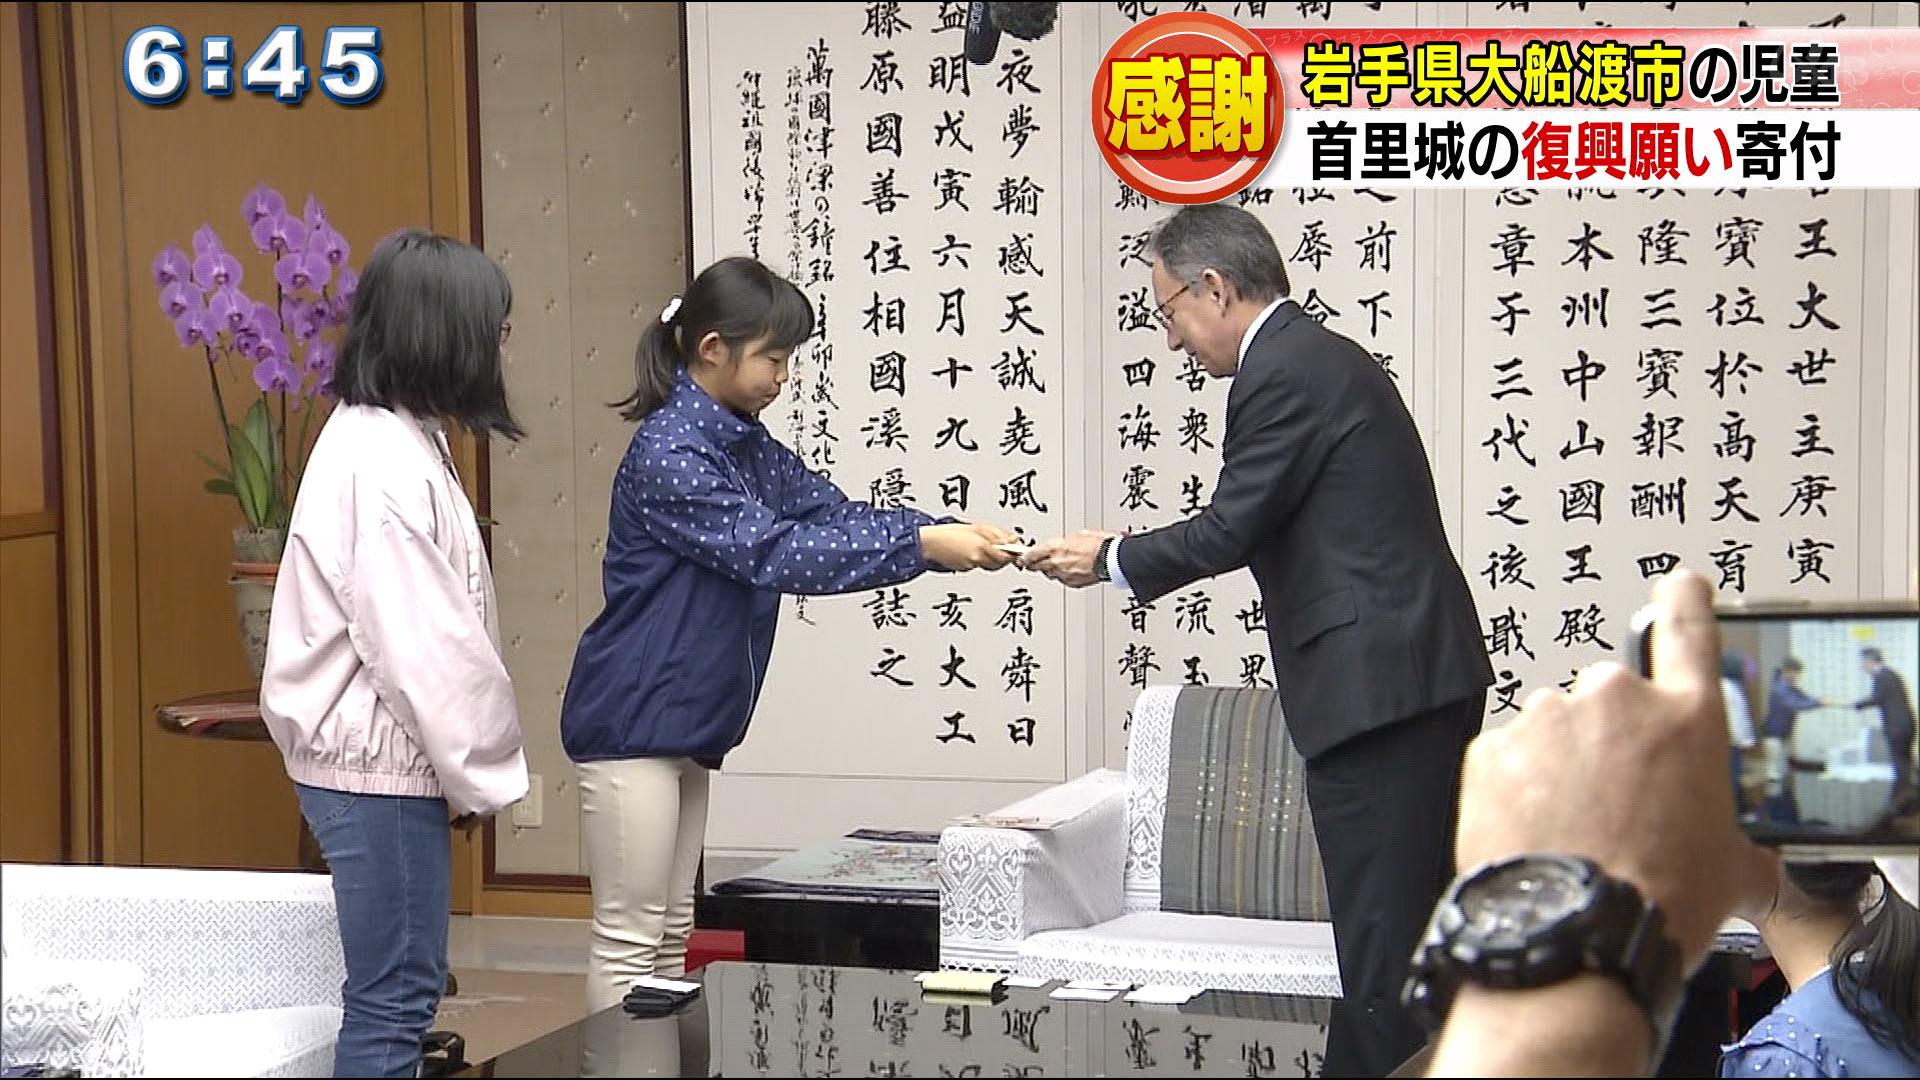 岩手県大船渡の子どもたちから首里城再建へ寄付金